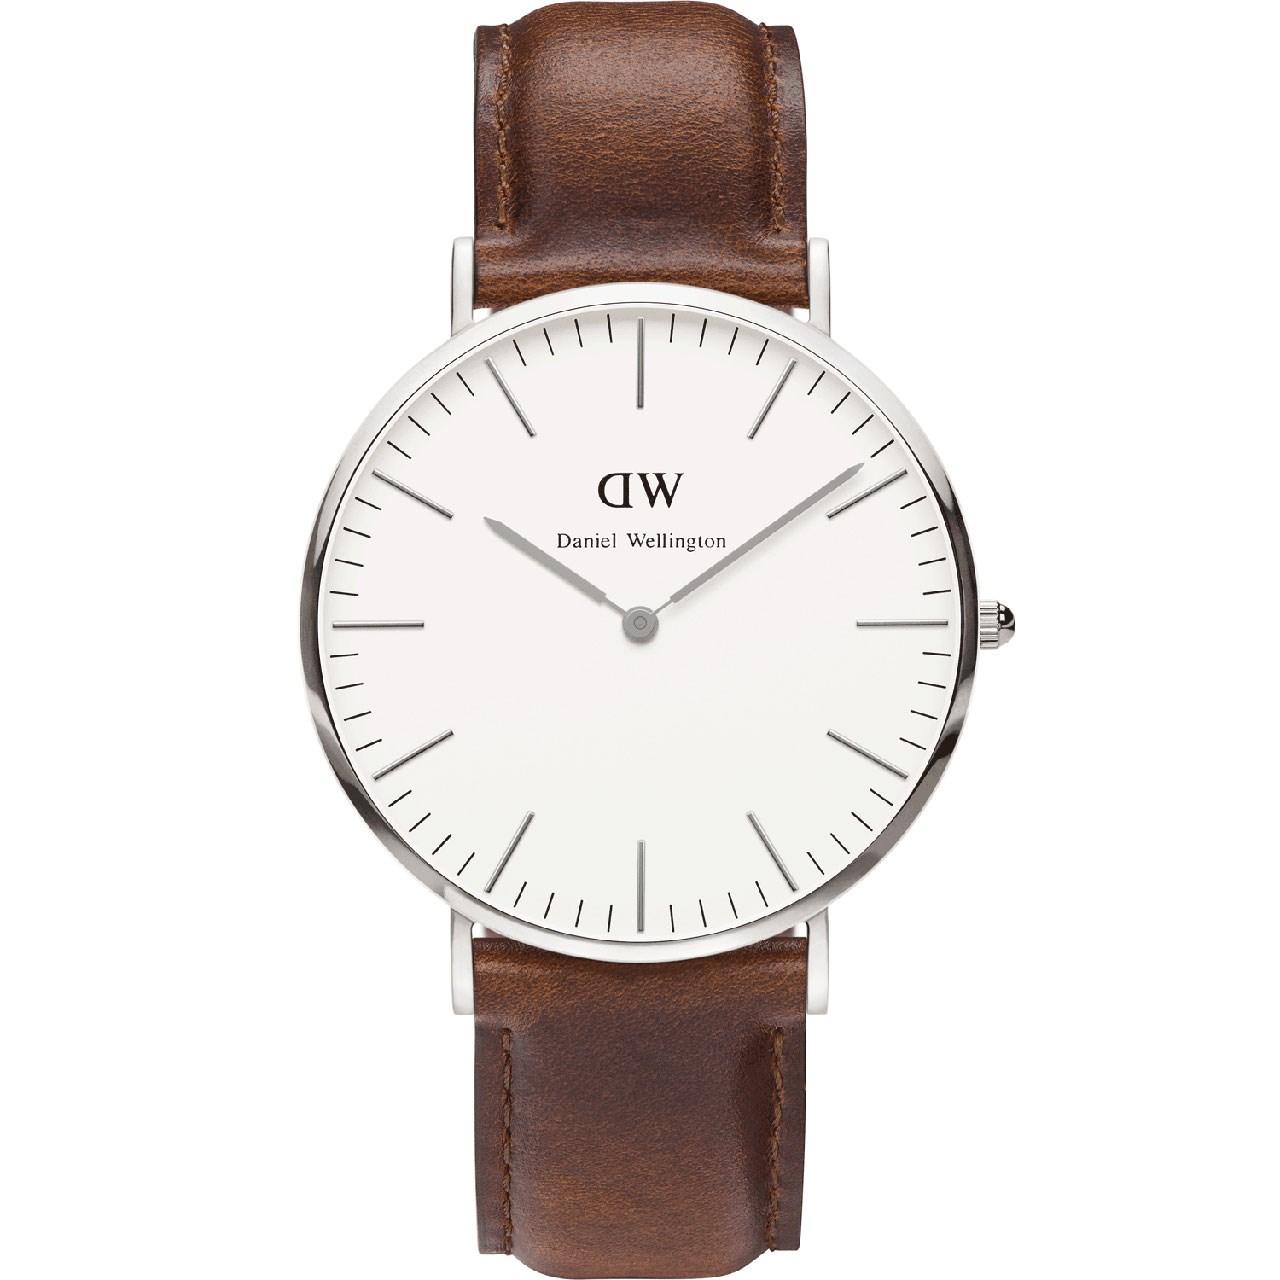 ساعت مچی عقربه ای مردانه دنیل ولینگتون مدل DW00100021              خرید (⭐️⭐️⭐️)